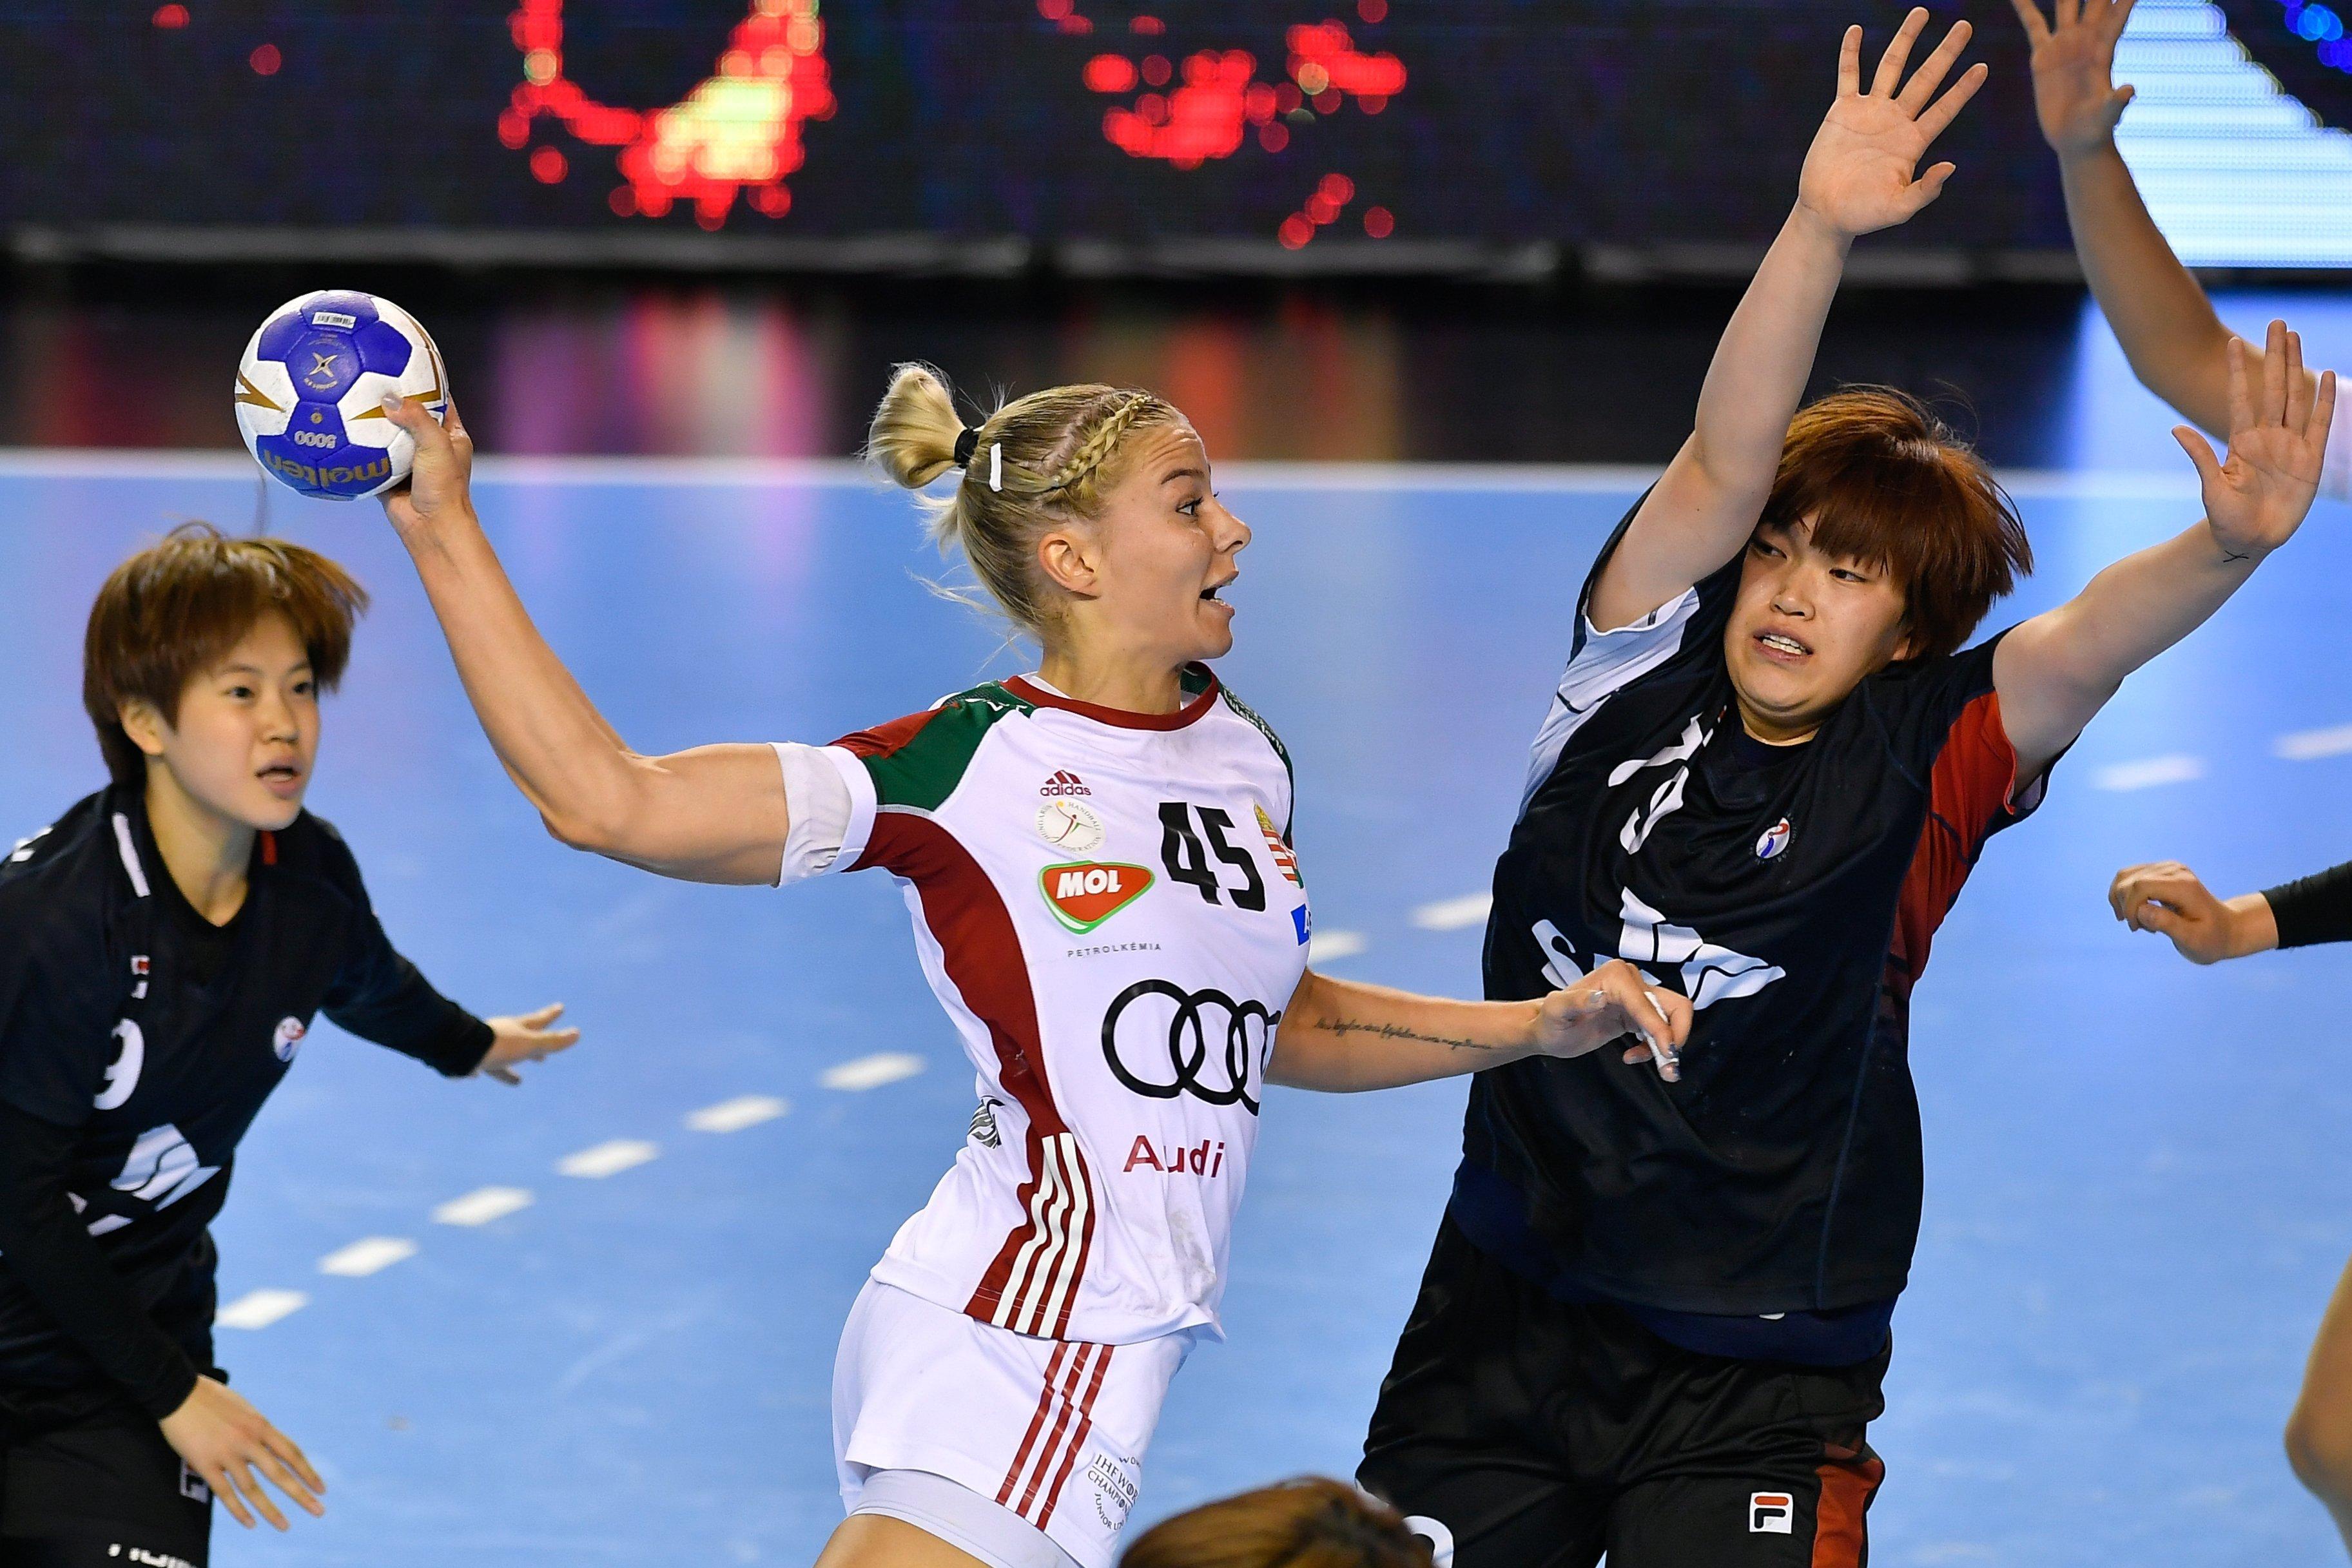 Női kézilabda junior-vb: Döntőbe jutott a magyar válogatott